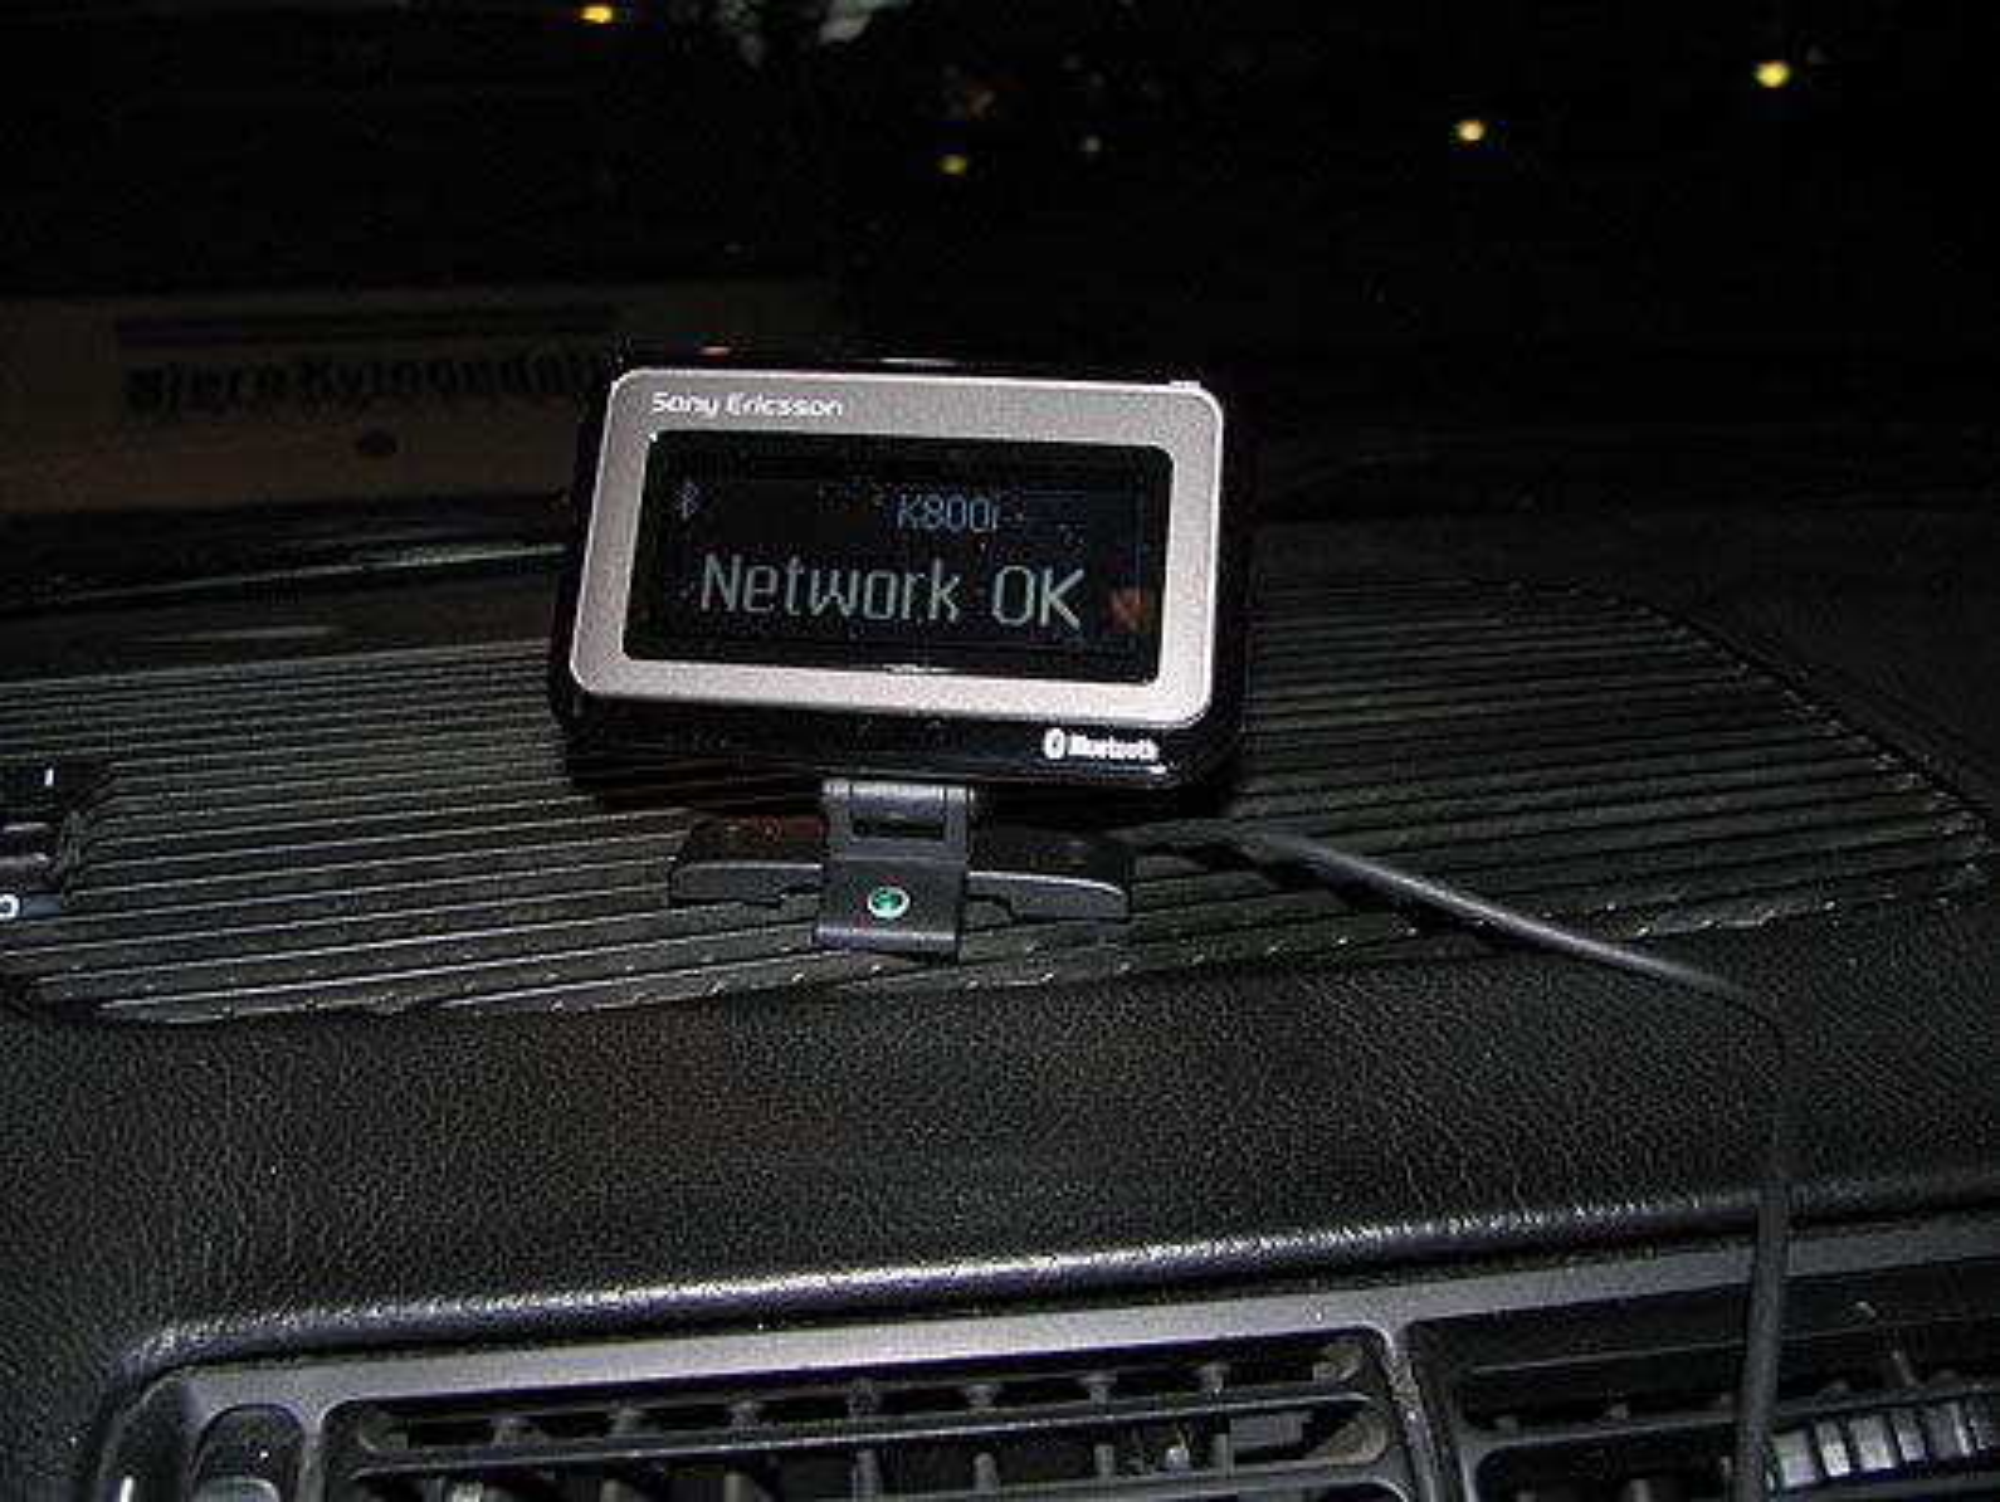 HCB-700 kommer med en egen skjerm, slik at du enkelt kan se hvem som ringer.